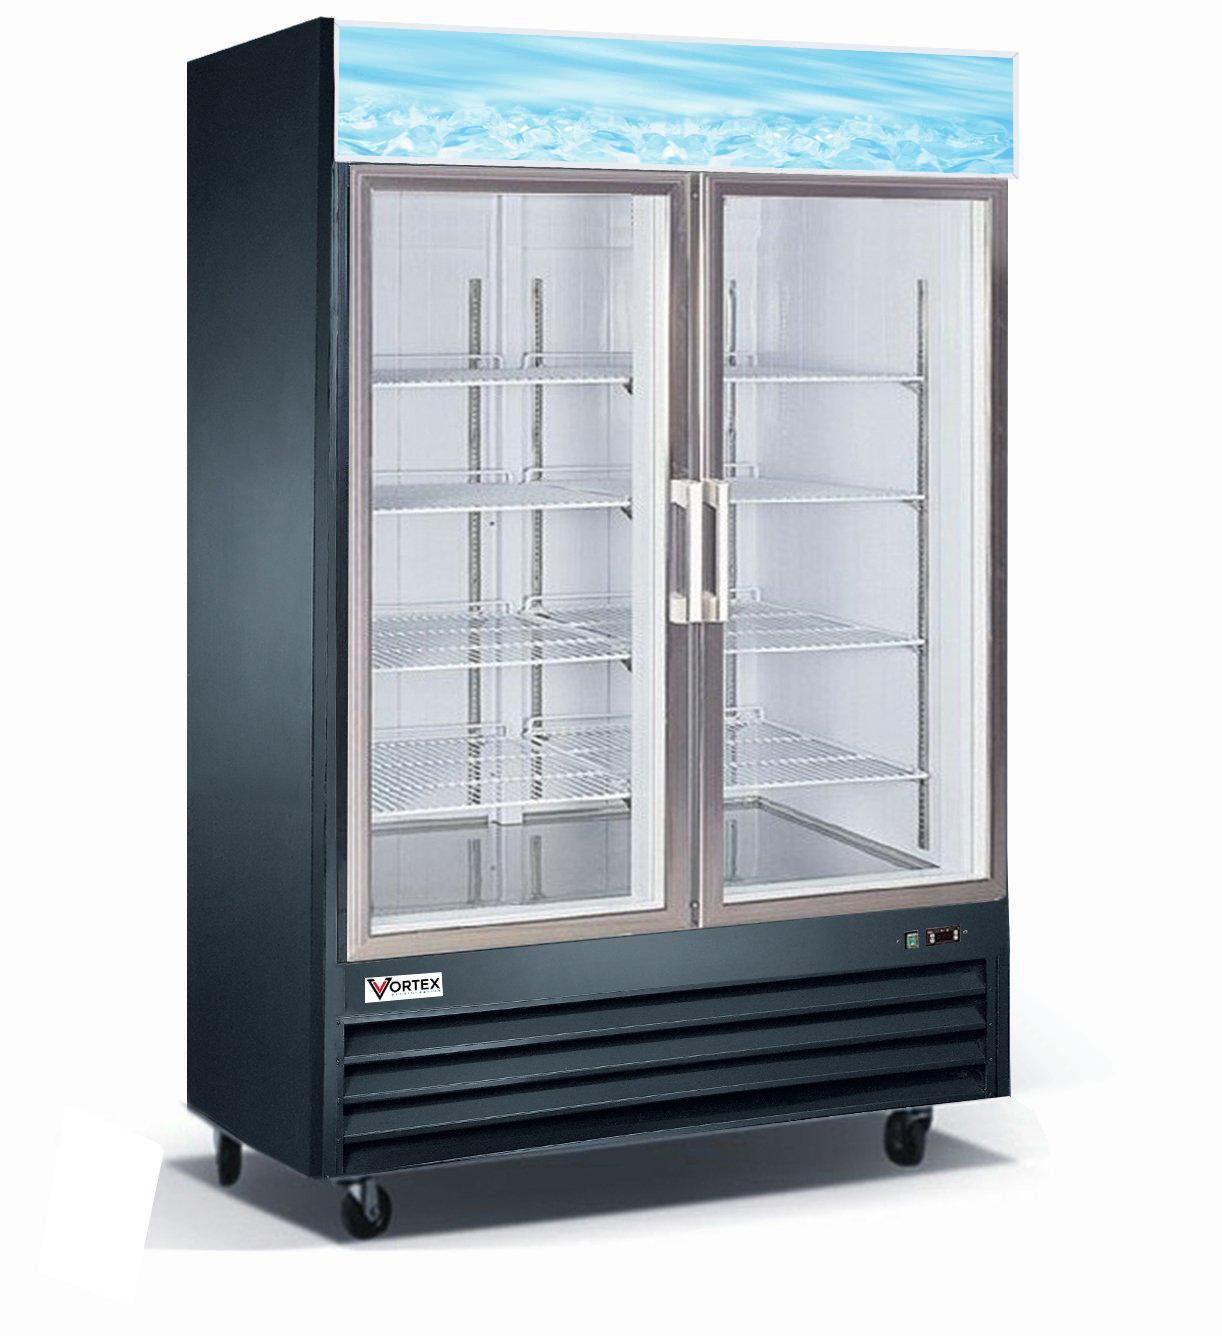 Vortex Refrigeration Commercial 2 Glass Door Black Merchandiser Freezer - 49 Cu. Ft. by Vortex Refrigeration